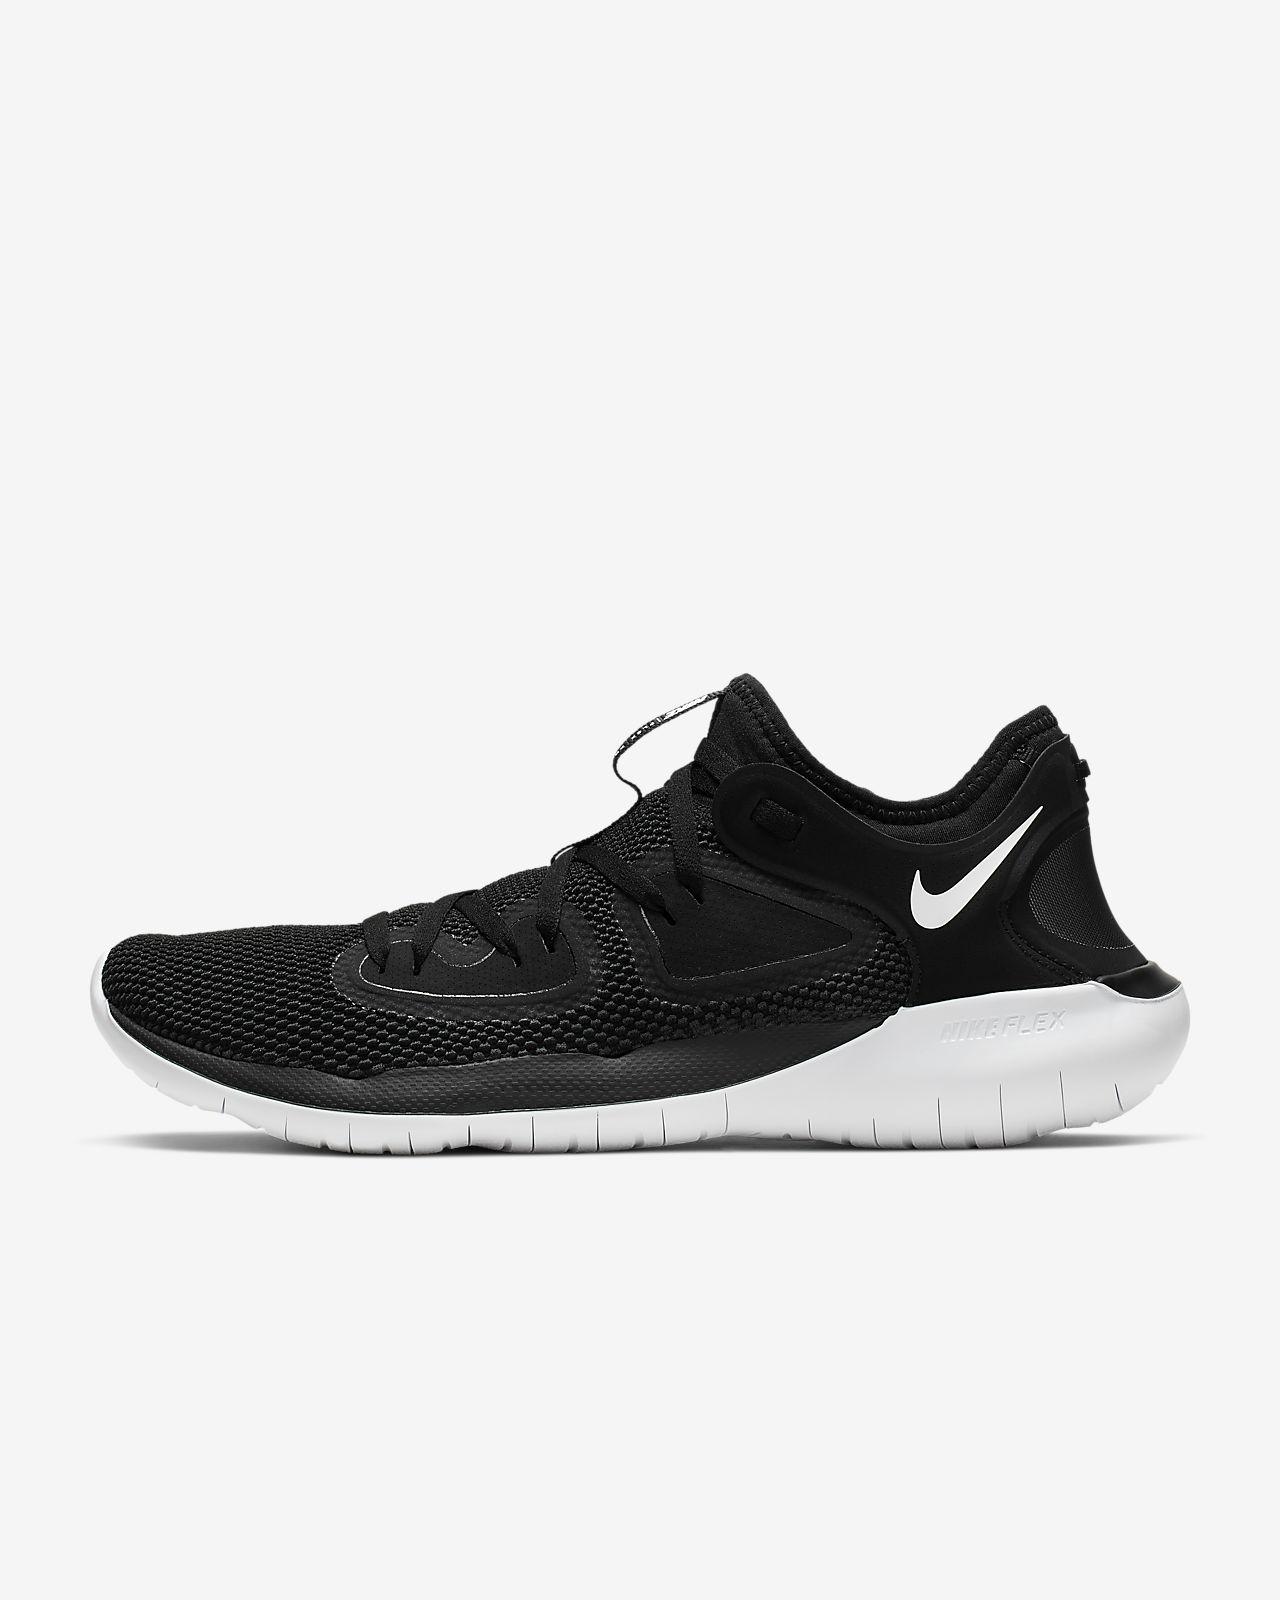 scarpe nike uomo 2019